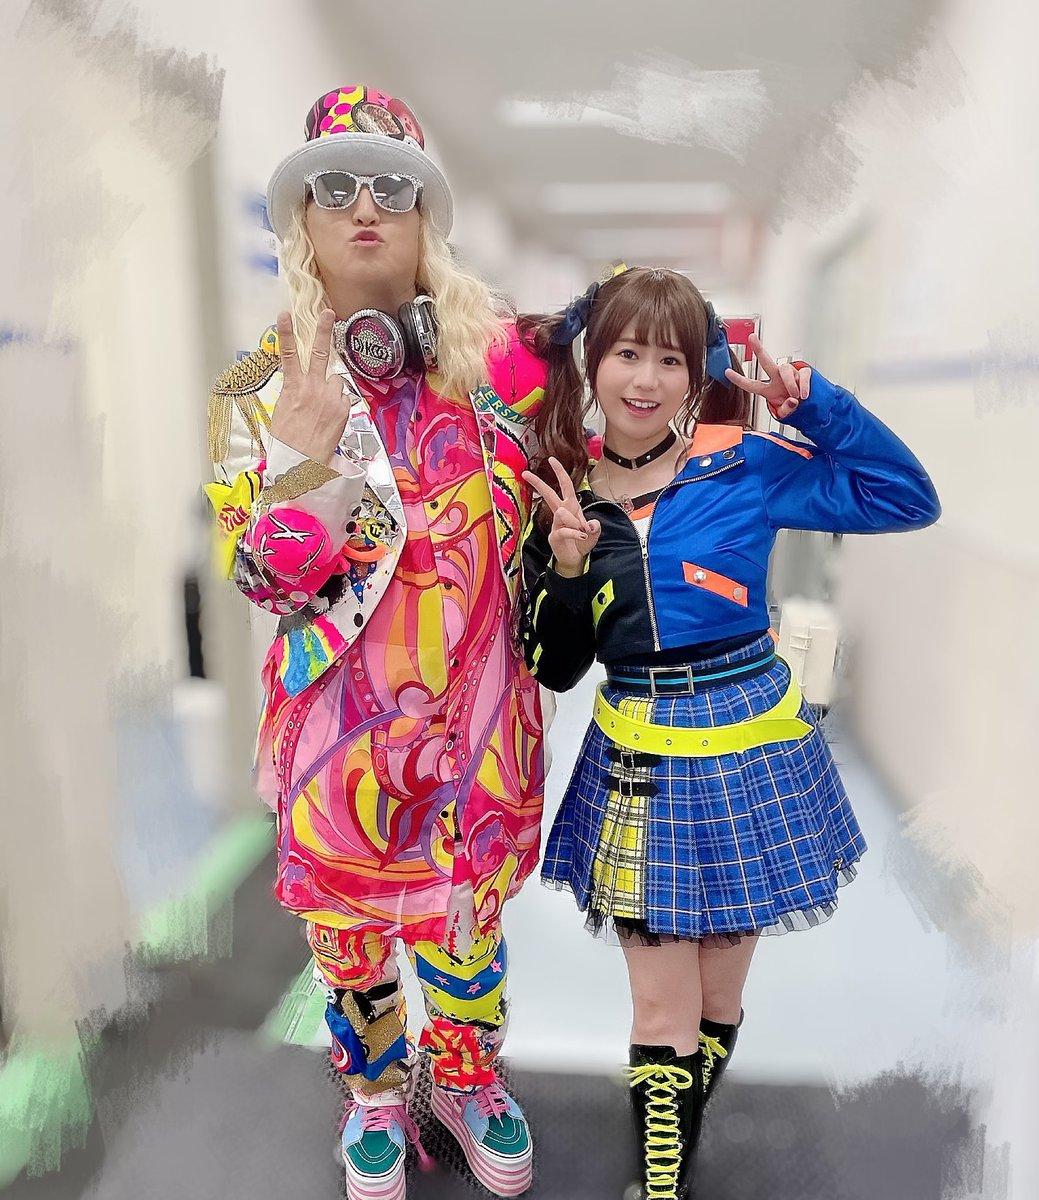 DJ KOOさんと写真撮っていただきました☺️KOOさんとのYes party time!!とってもとっても高まりましたし最KOO〜って思いました…☺️🍀🍀ただでさえ楽しい曲だというのにもっともっと楽しくなってしまって✨すごかったです…!🕺#imas_cg